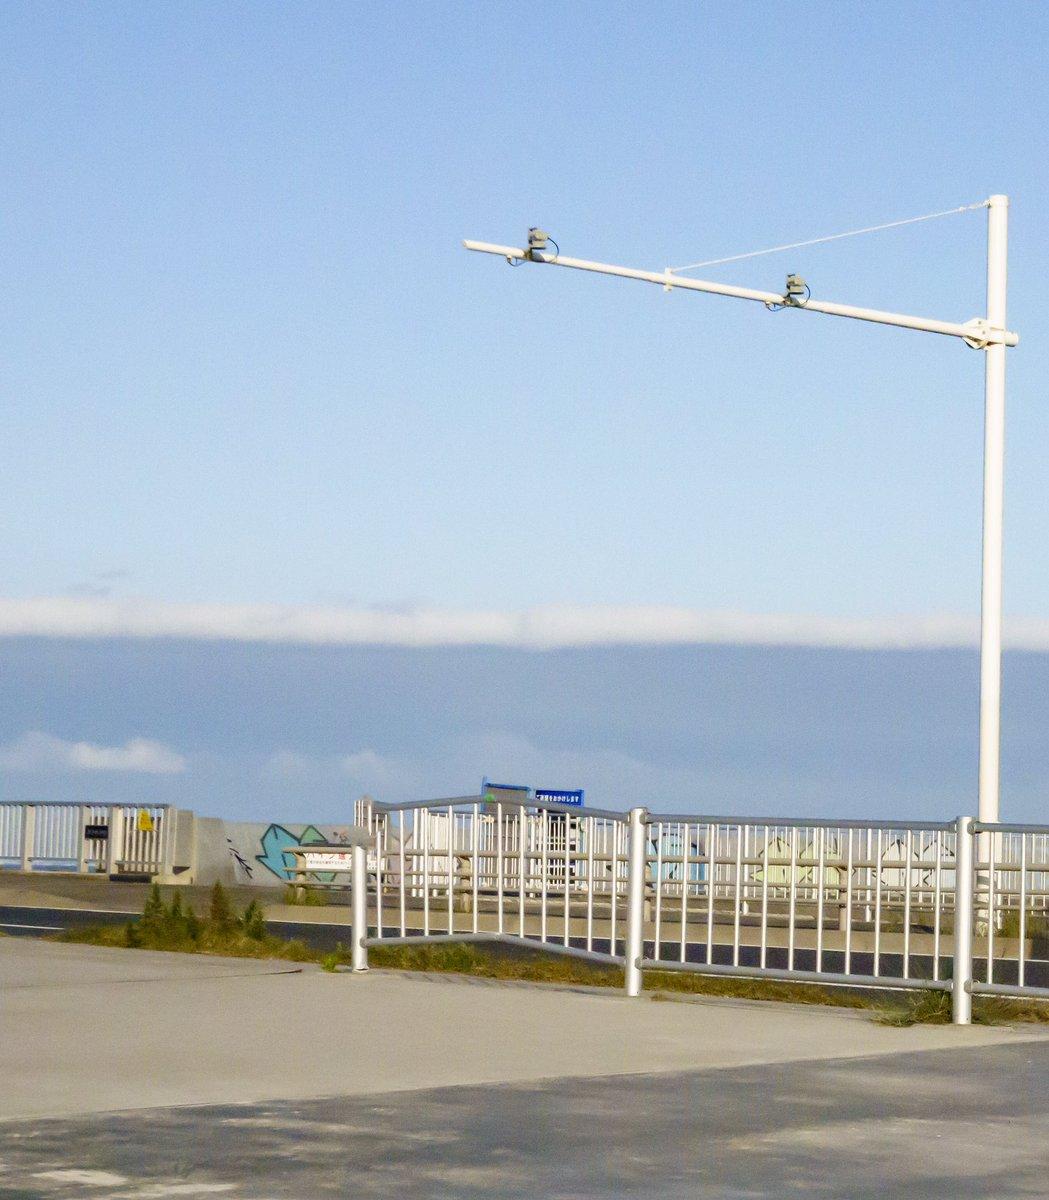 津波のような雲。 壁のようになってた。 #写真好きな人と繋がりたい #ふぉと #湘南 #地元 #雲 #青空pic.twitter.com/GTW0XhvaNM